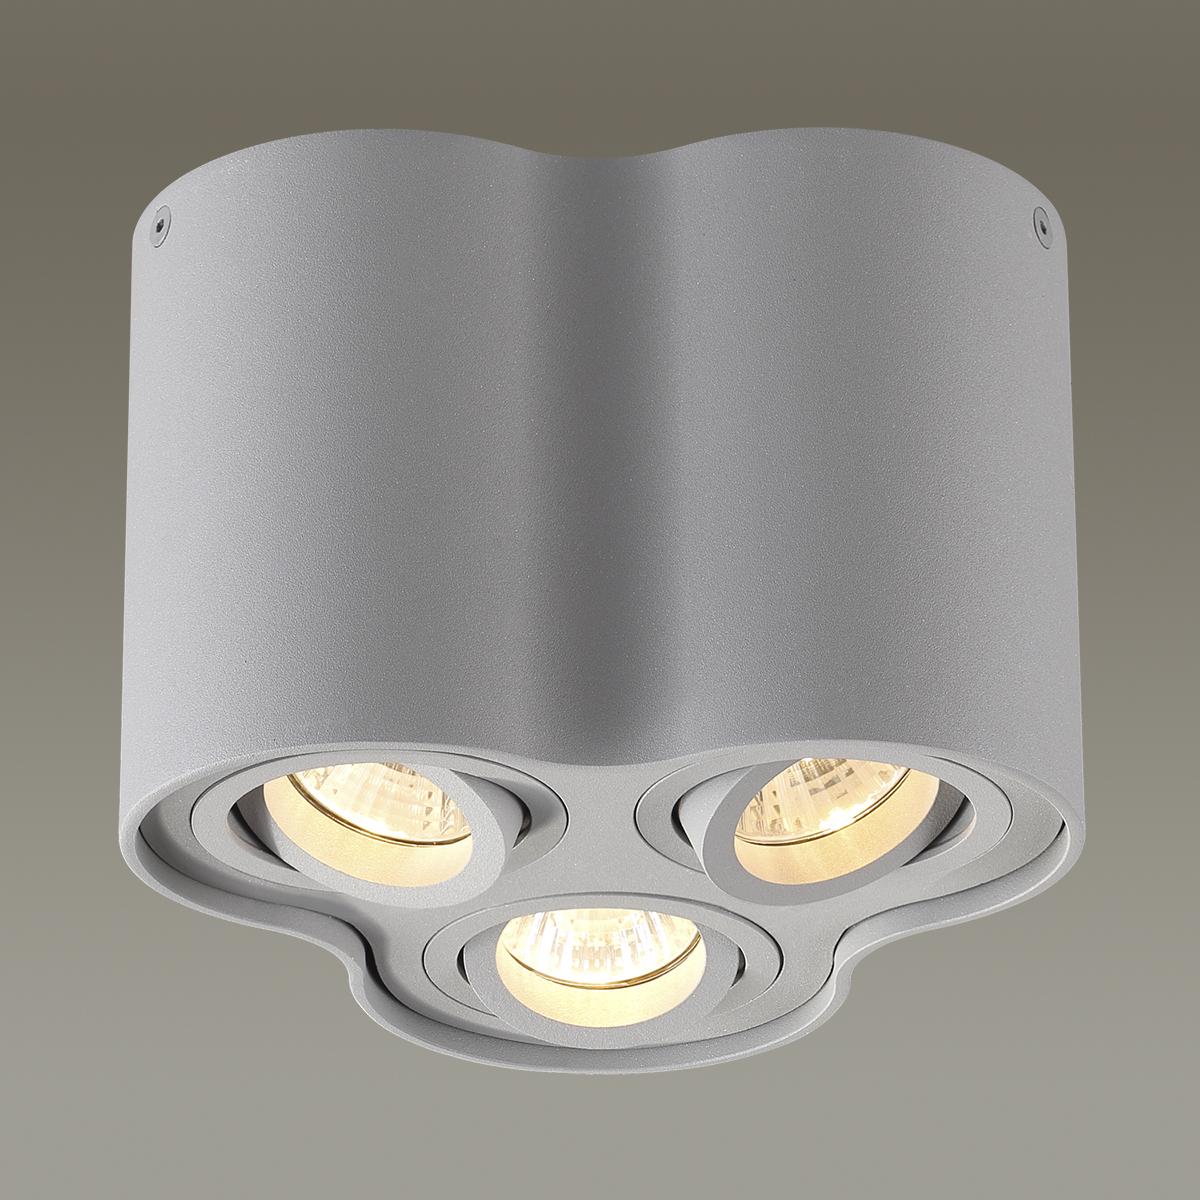 Потолочный светильник Odeon Light 3831/3C, серый, металл - фото 3